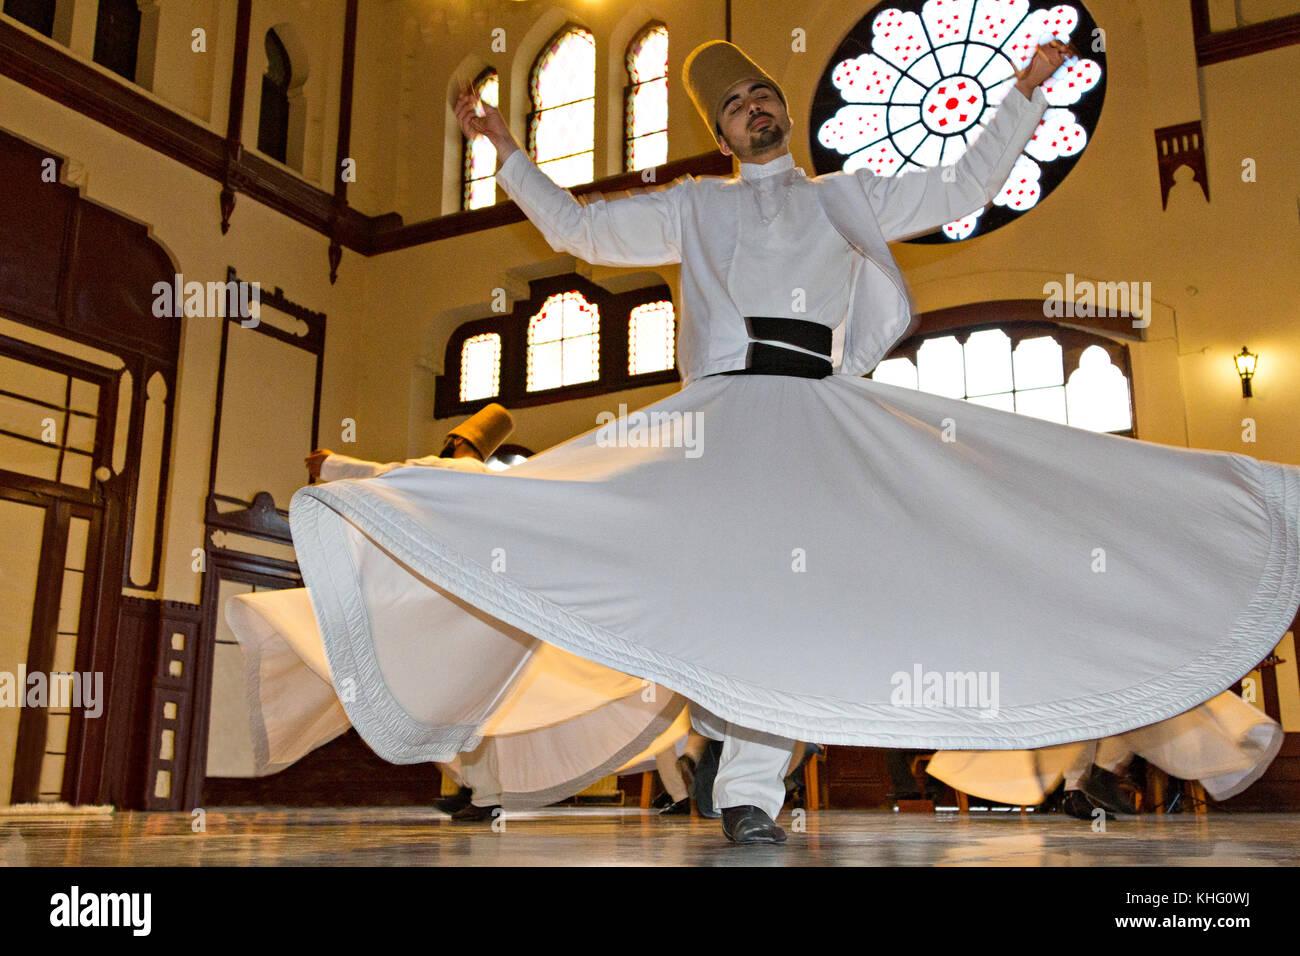 Dervish tourbillonnante lors du rituel tourbillonnant soufi connu sous le nom de Sema, à Istanbul, en Turquie Banque D'Images